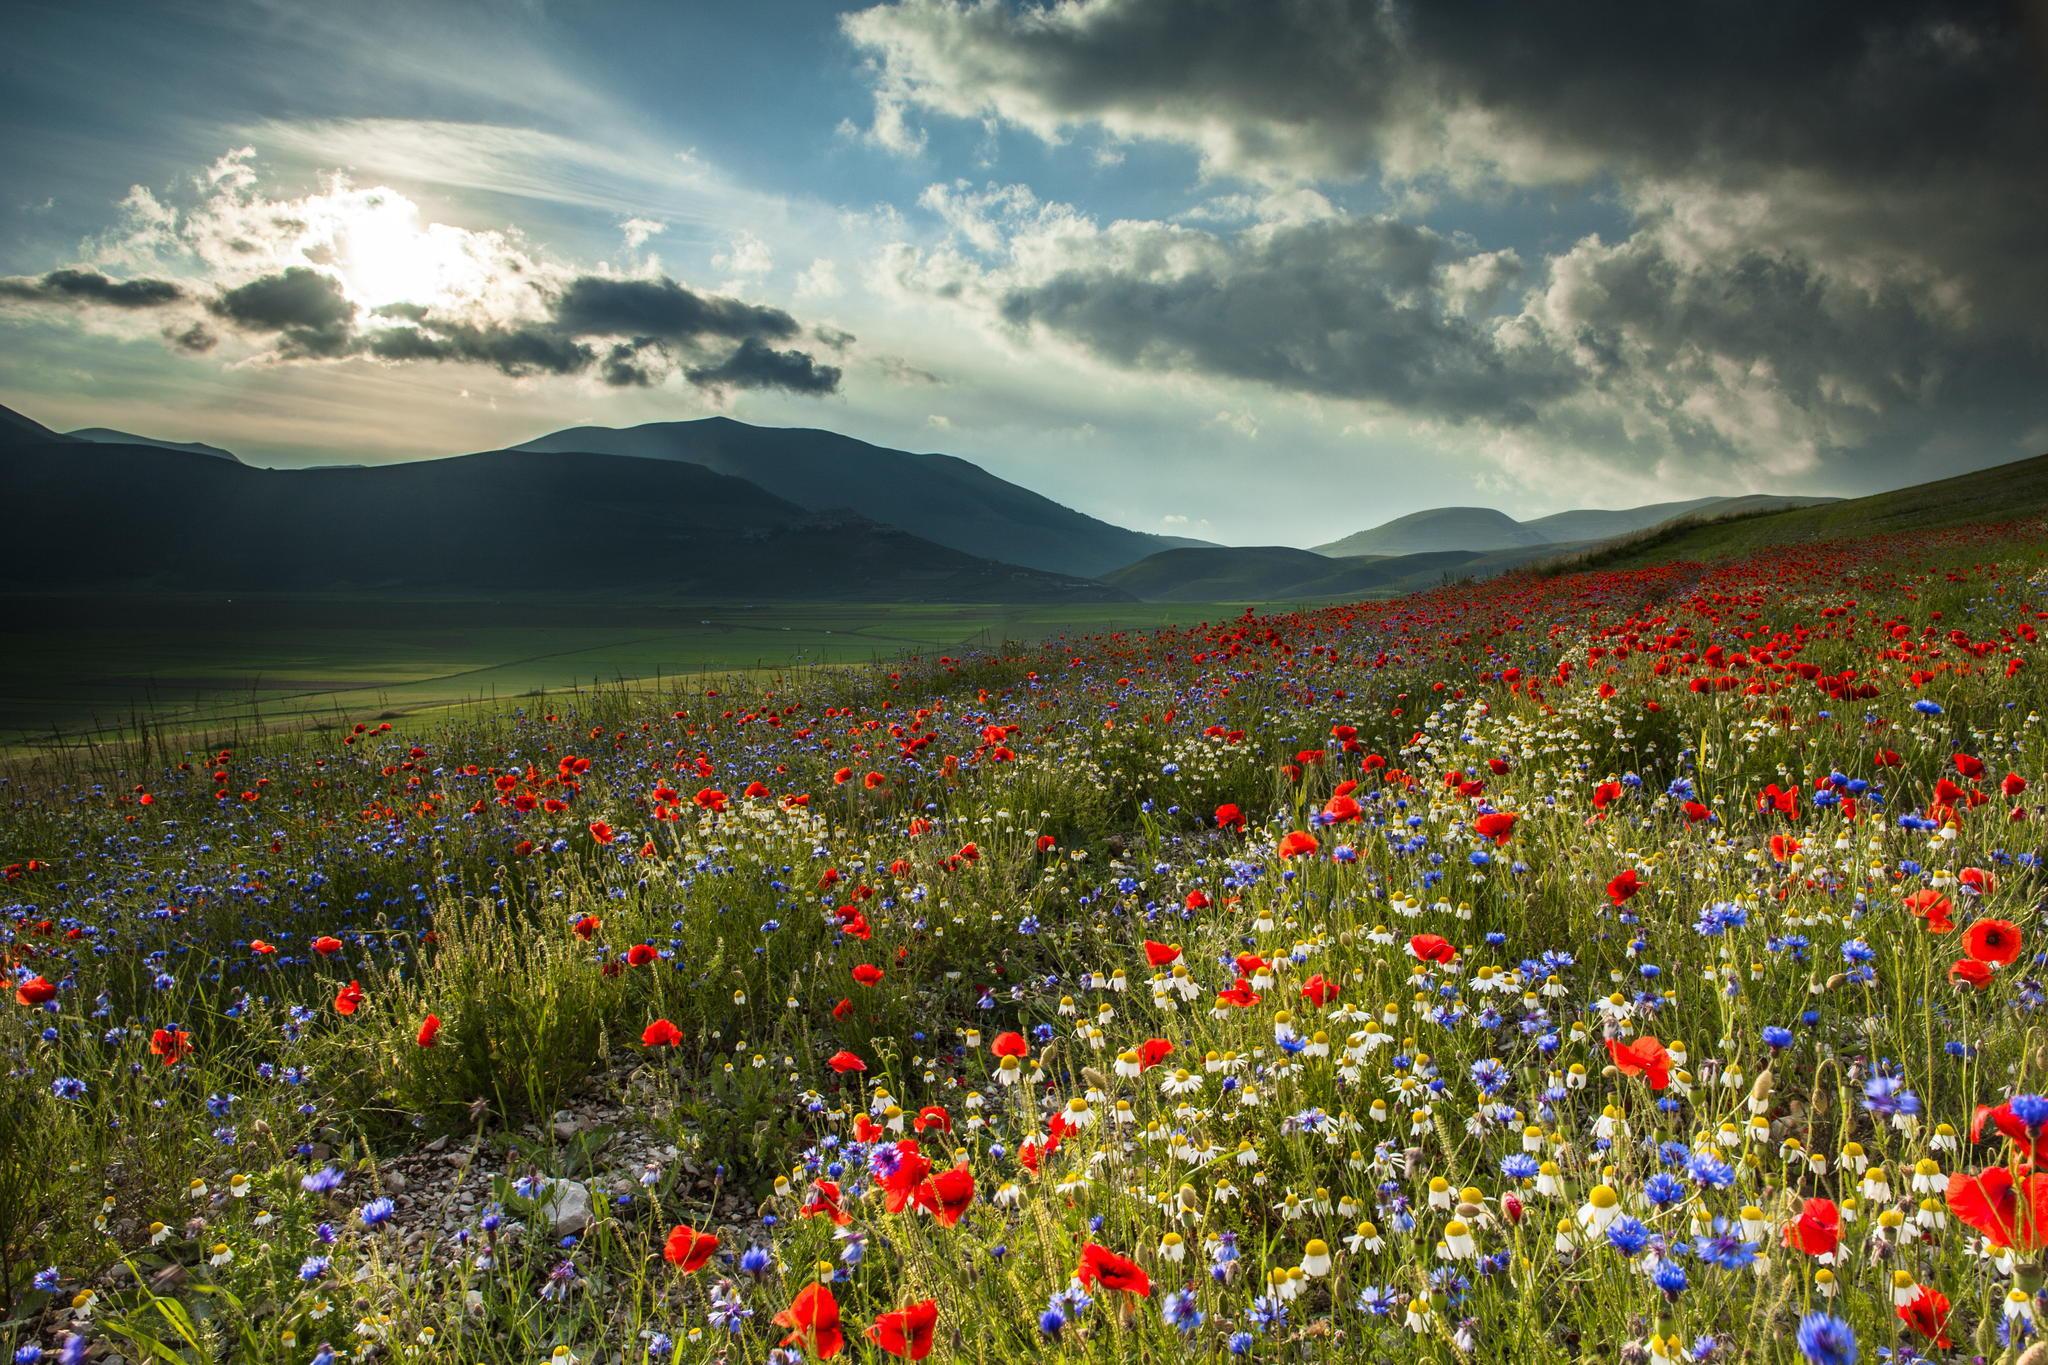 цветы поляна горы холм небо  № 3836186 без смс